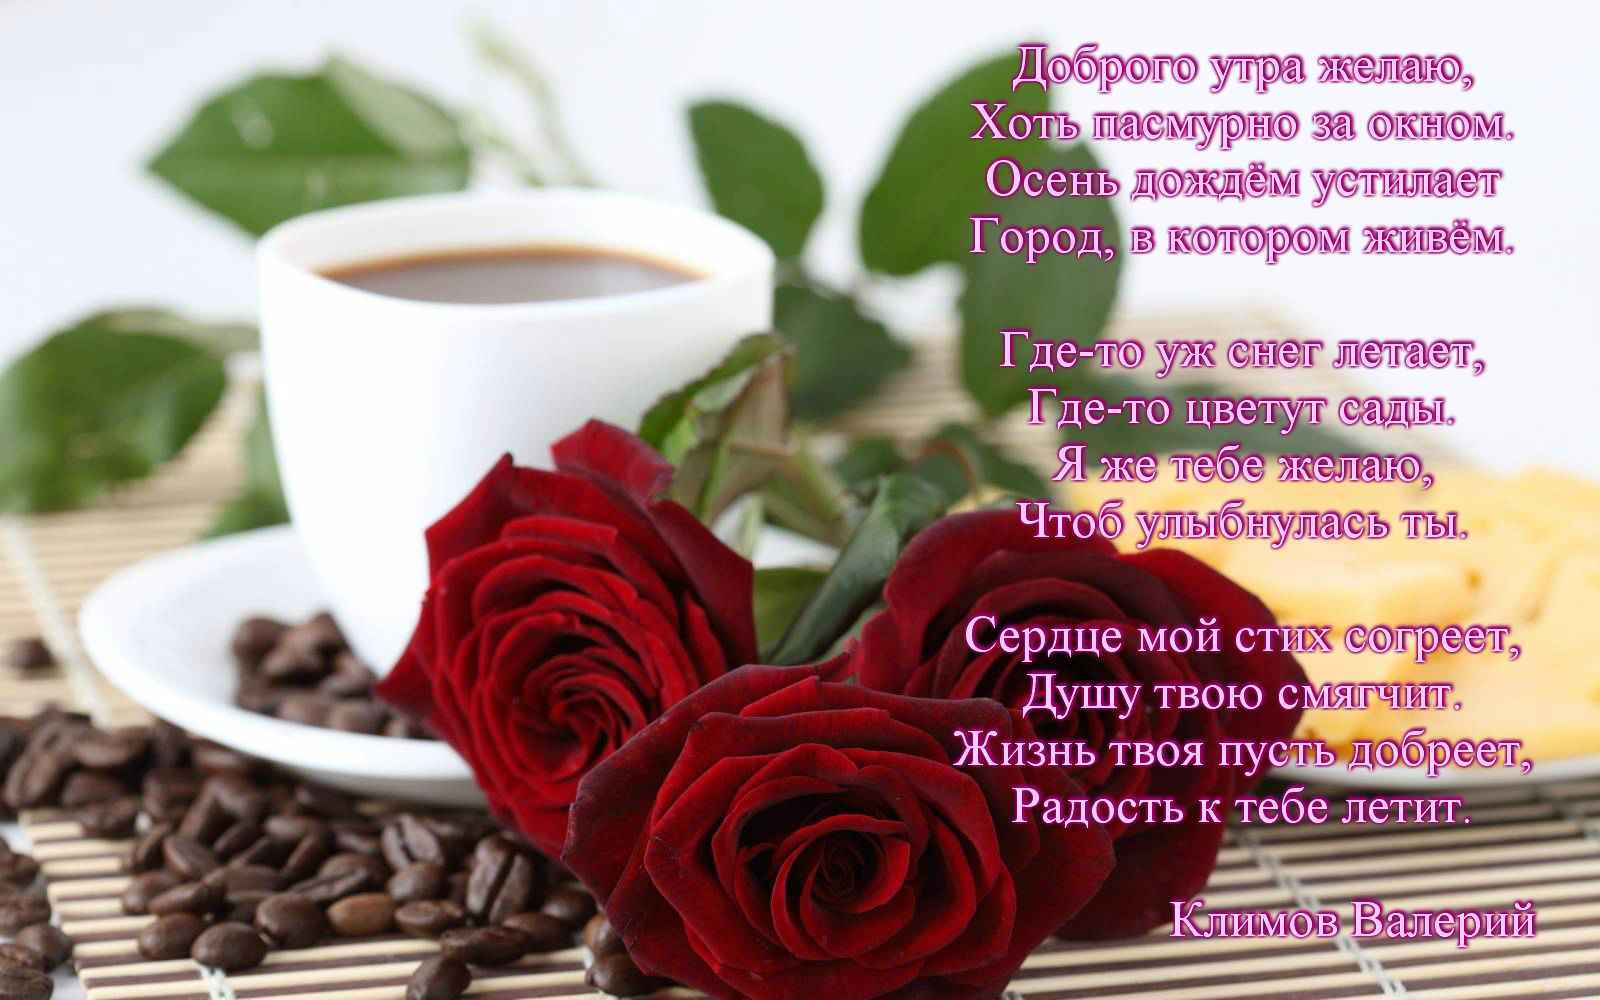 пожелание доброго утра ольге в стихах горячительным напиткам